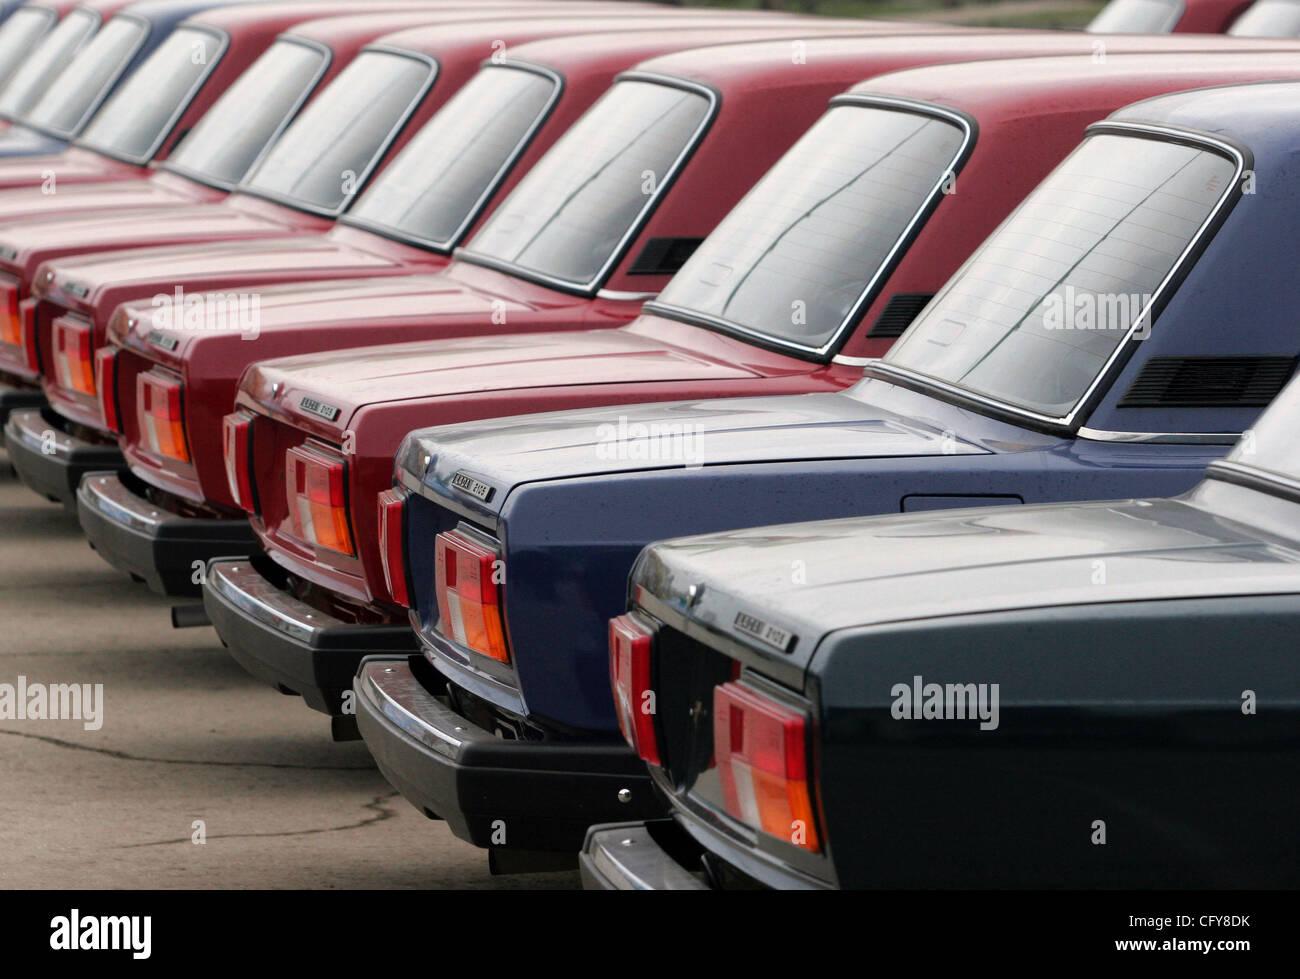 Nueva marca de automóviles ruso Lada listos para la venta. Lada ...